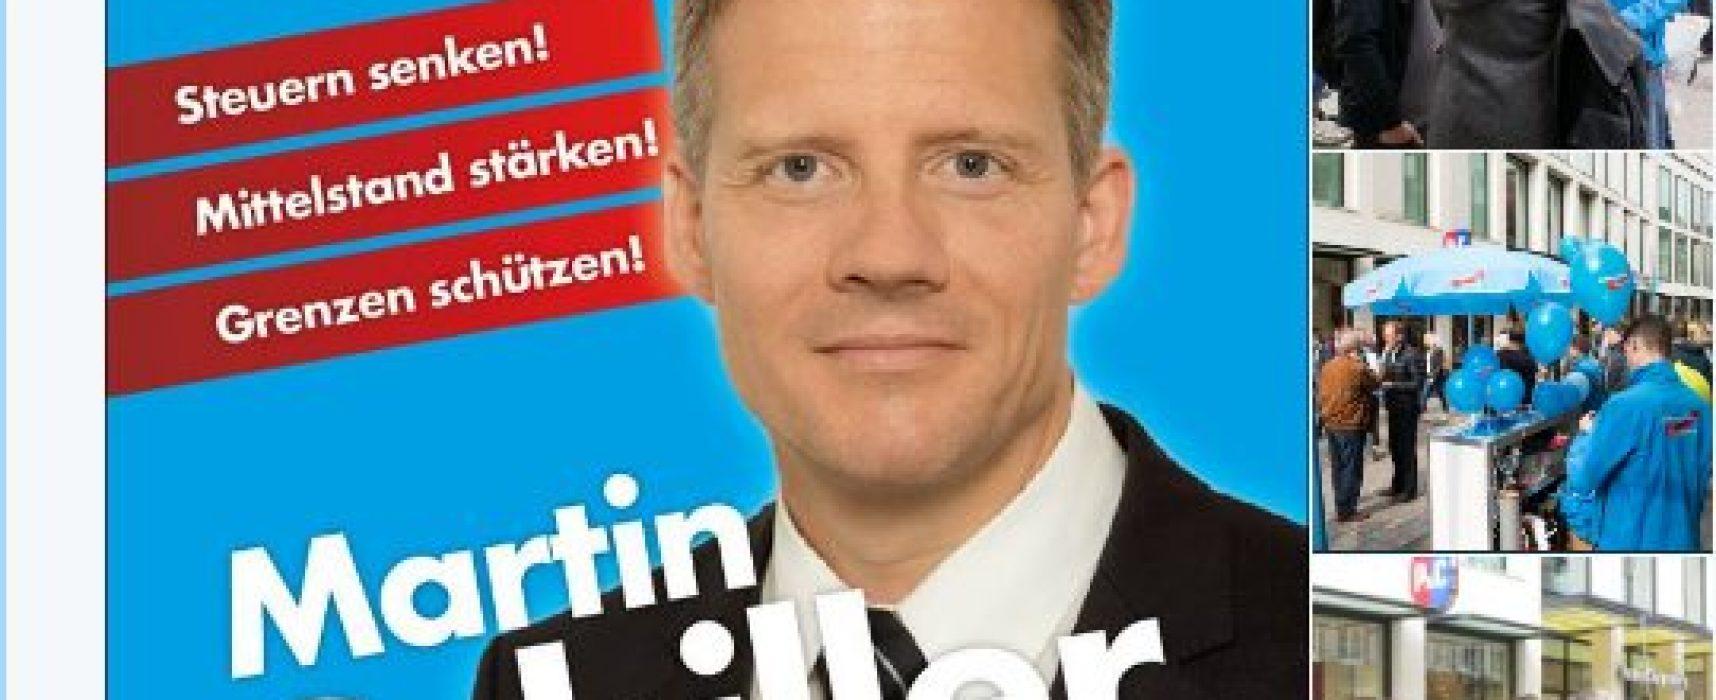 Выборы в ФРГ: российские боты в Twitter ведут кампанию за немецких ультраправых